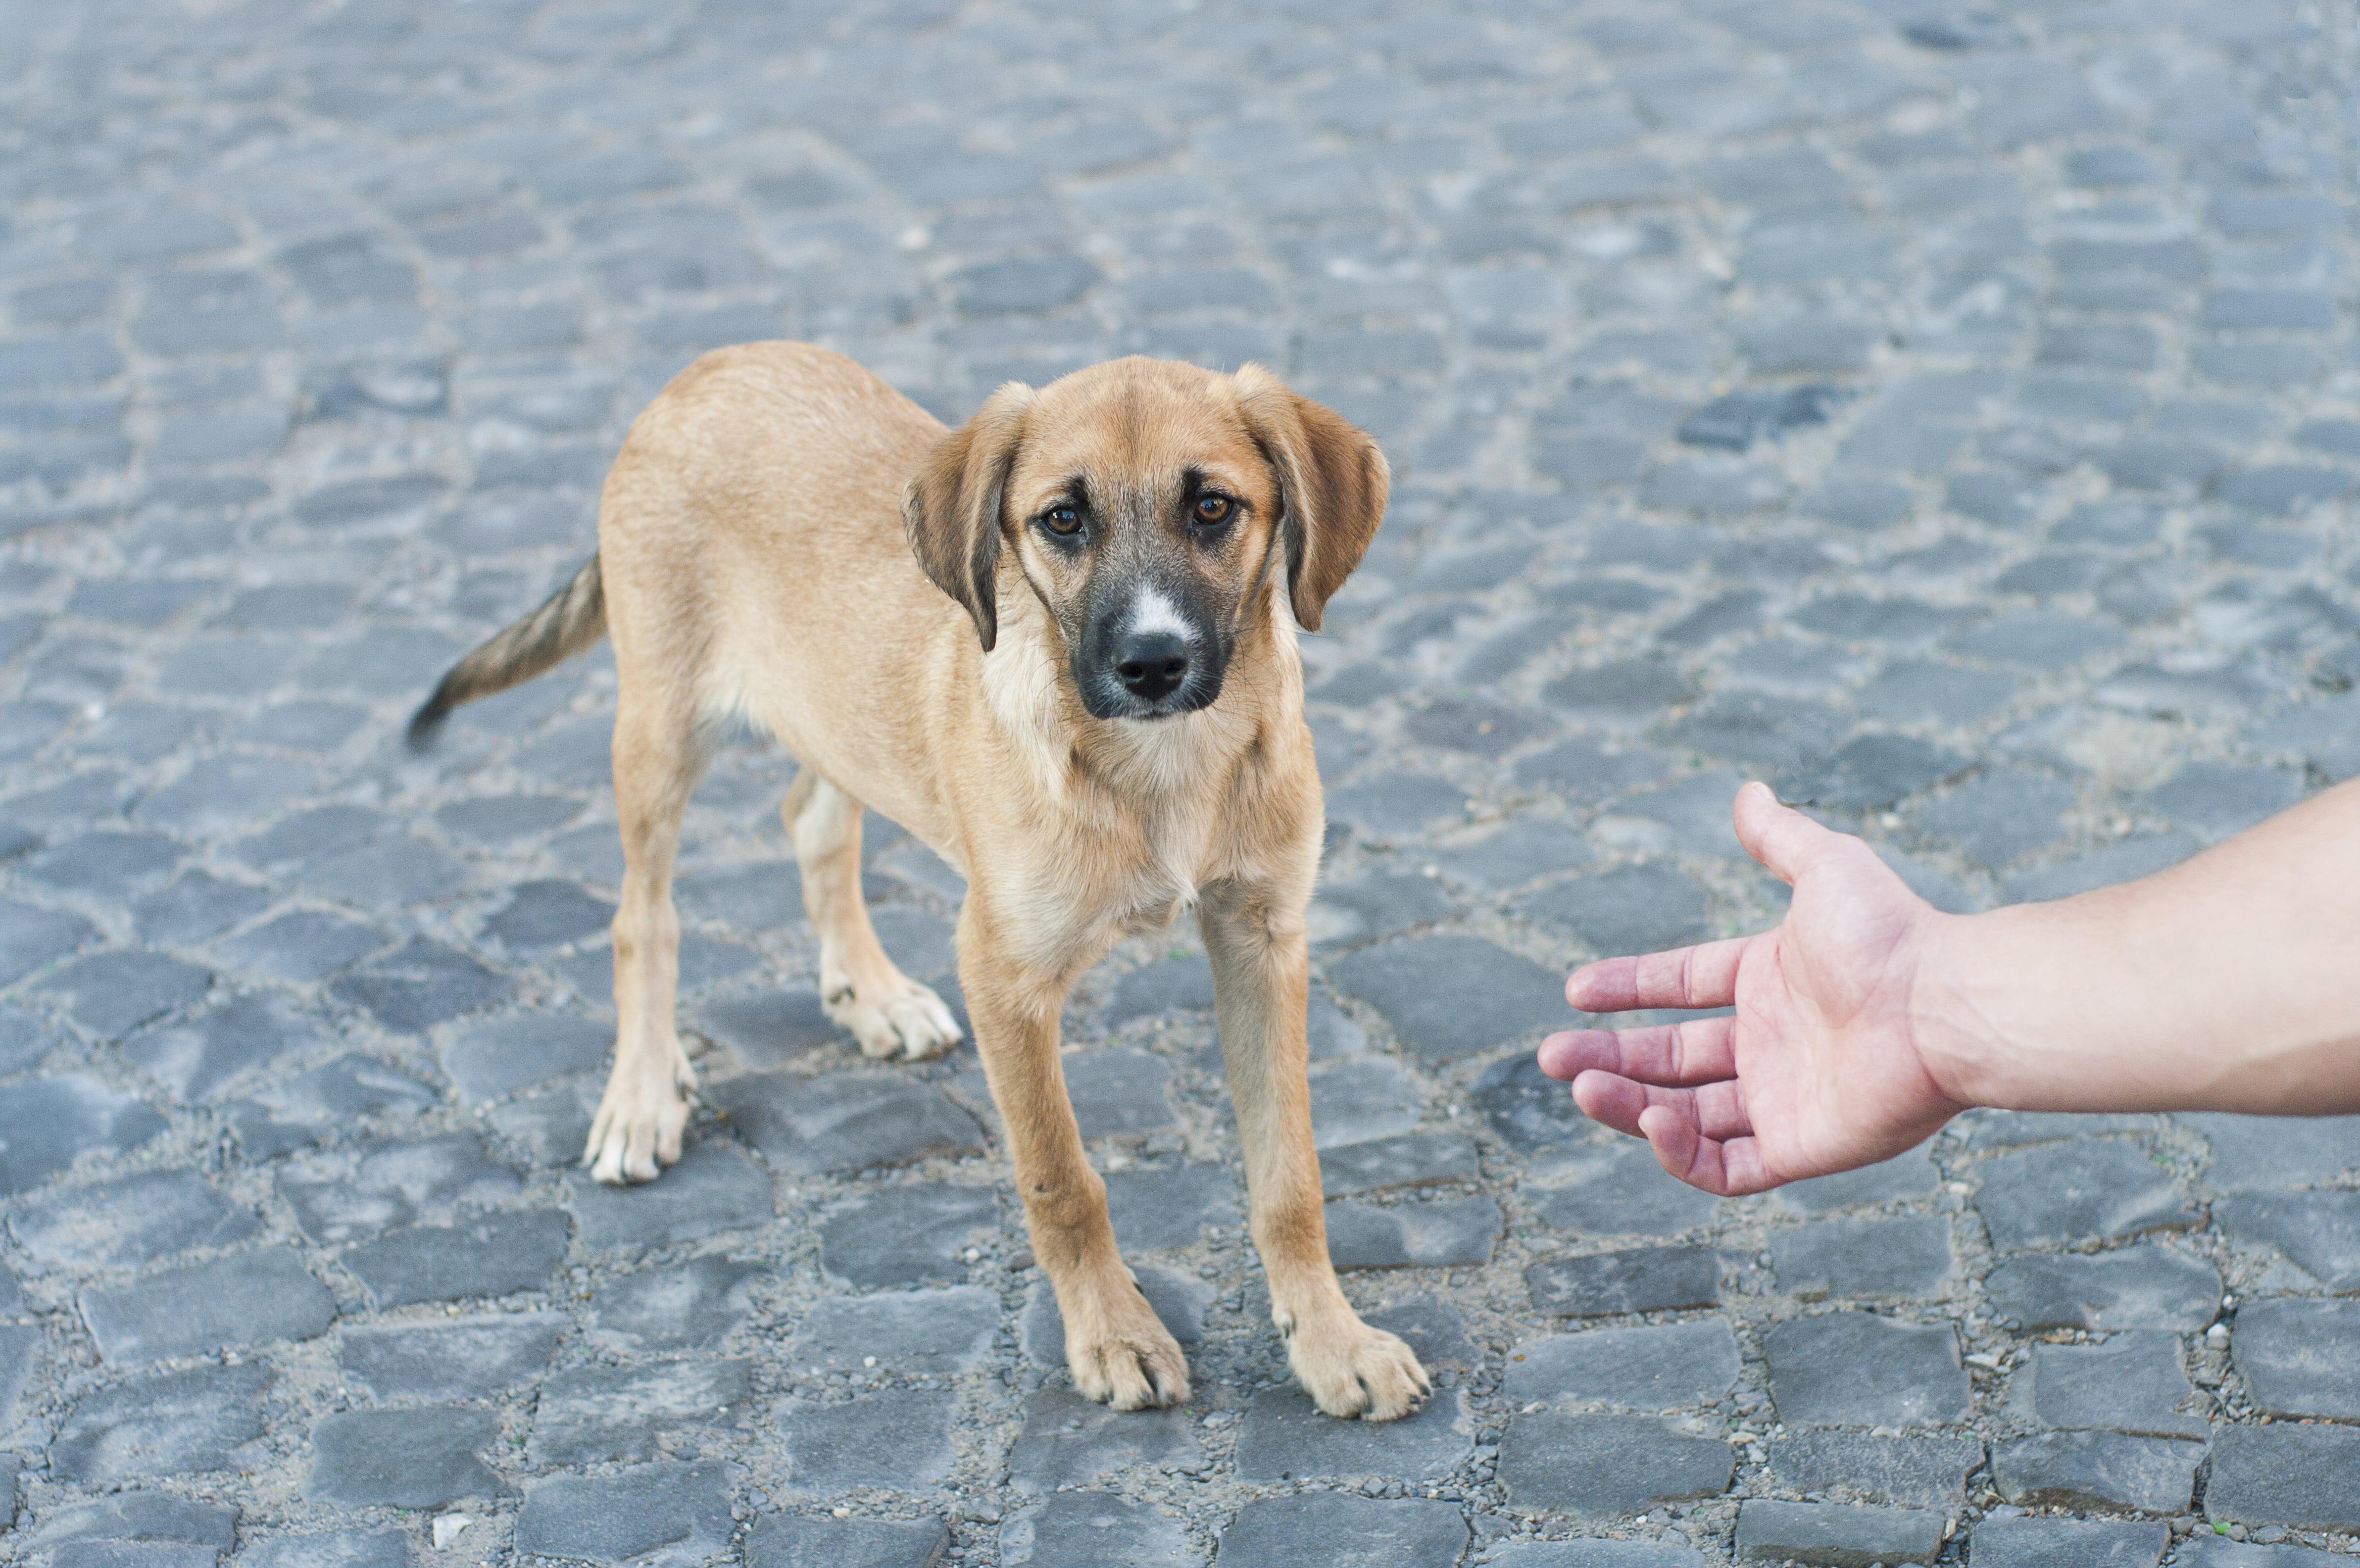 Gordon: la storia di un cane meraviglioso